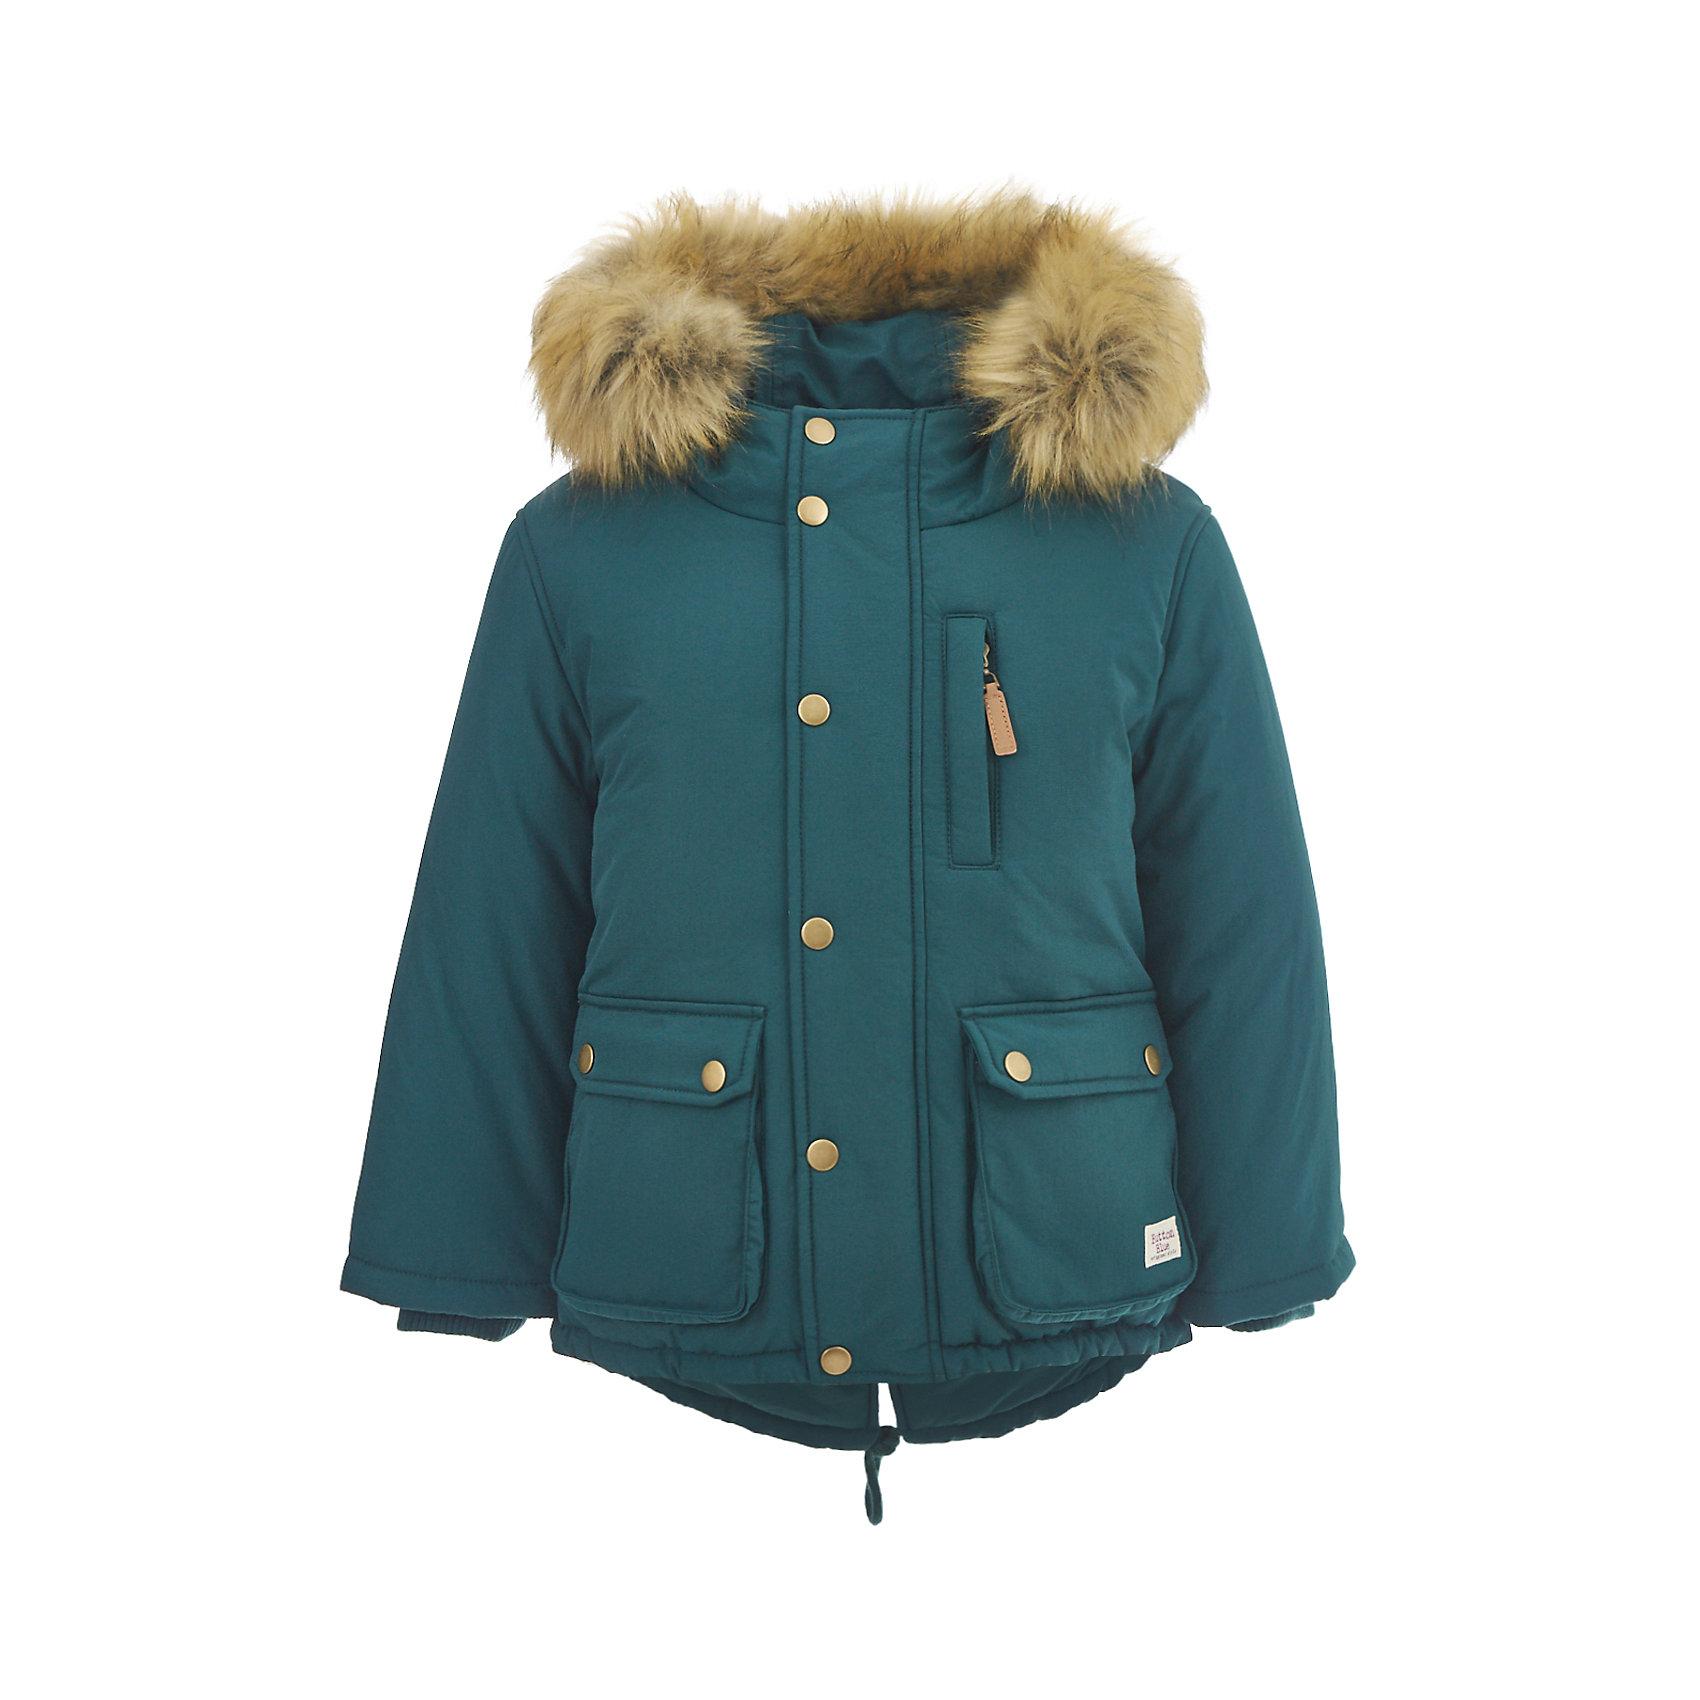 Полупальто BUTTON BLUE для мальчикаВерхняя одежда<br>Полупальто BUTTON BLUE для мальчика<br>Стильное зимнее полупальто для мальчика - залог хорошего настроения в морозный день! Классное детское полупальто по оптимальной цене принесет удовольствие от покупки эксплуатации! Недорогое пальто - не значит скучное! Красивый цвет, модный силуэт, крупные функциональные детали обеспечивают пальто прекрасный внешний вид! Если вы хотите купить зимнее полупальто и не сомневаться в его качестве и комфорте, детское полупальто от Button Blue - то что нужно!<br>Состав:<br>тк. верха:100% нейлон                   Подкладка: 100% полиэстер (флис)/100% полиэстер  Утеплитель 100% полиэстер (fake down) мех: искусственный<br><br>Ширина мм: 356<br>Глубина мм: 10<br>Высота мм: 245<br>Вес г: 519<br>Цвет: зеленый<br>Возраст от месяцев: 144<br>Возраст до месяцев: 156<br>Пол: Мужской<br>Возраст: Детский<br>Размер: 158,110,116,122,128,134,140,146,152<br>SKU: 7038915